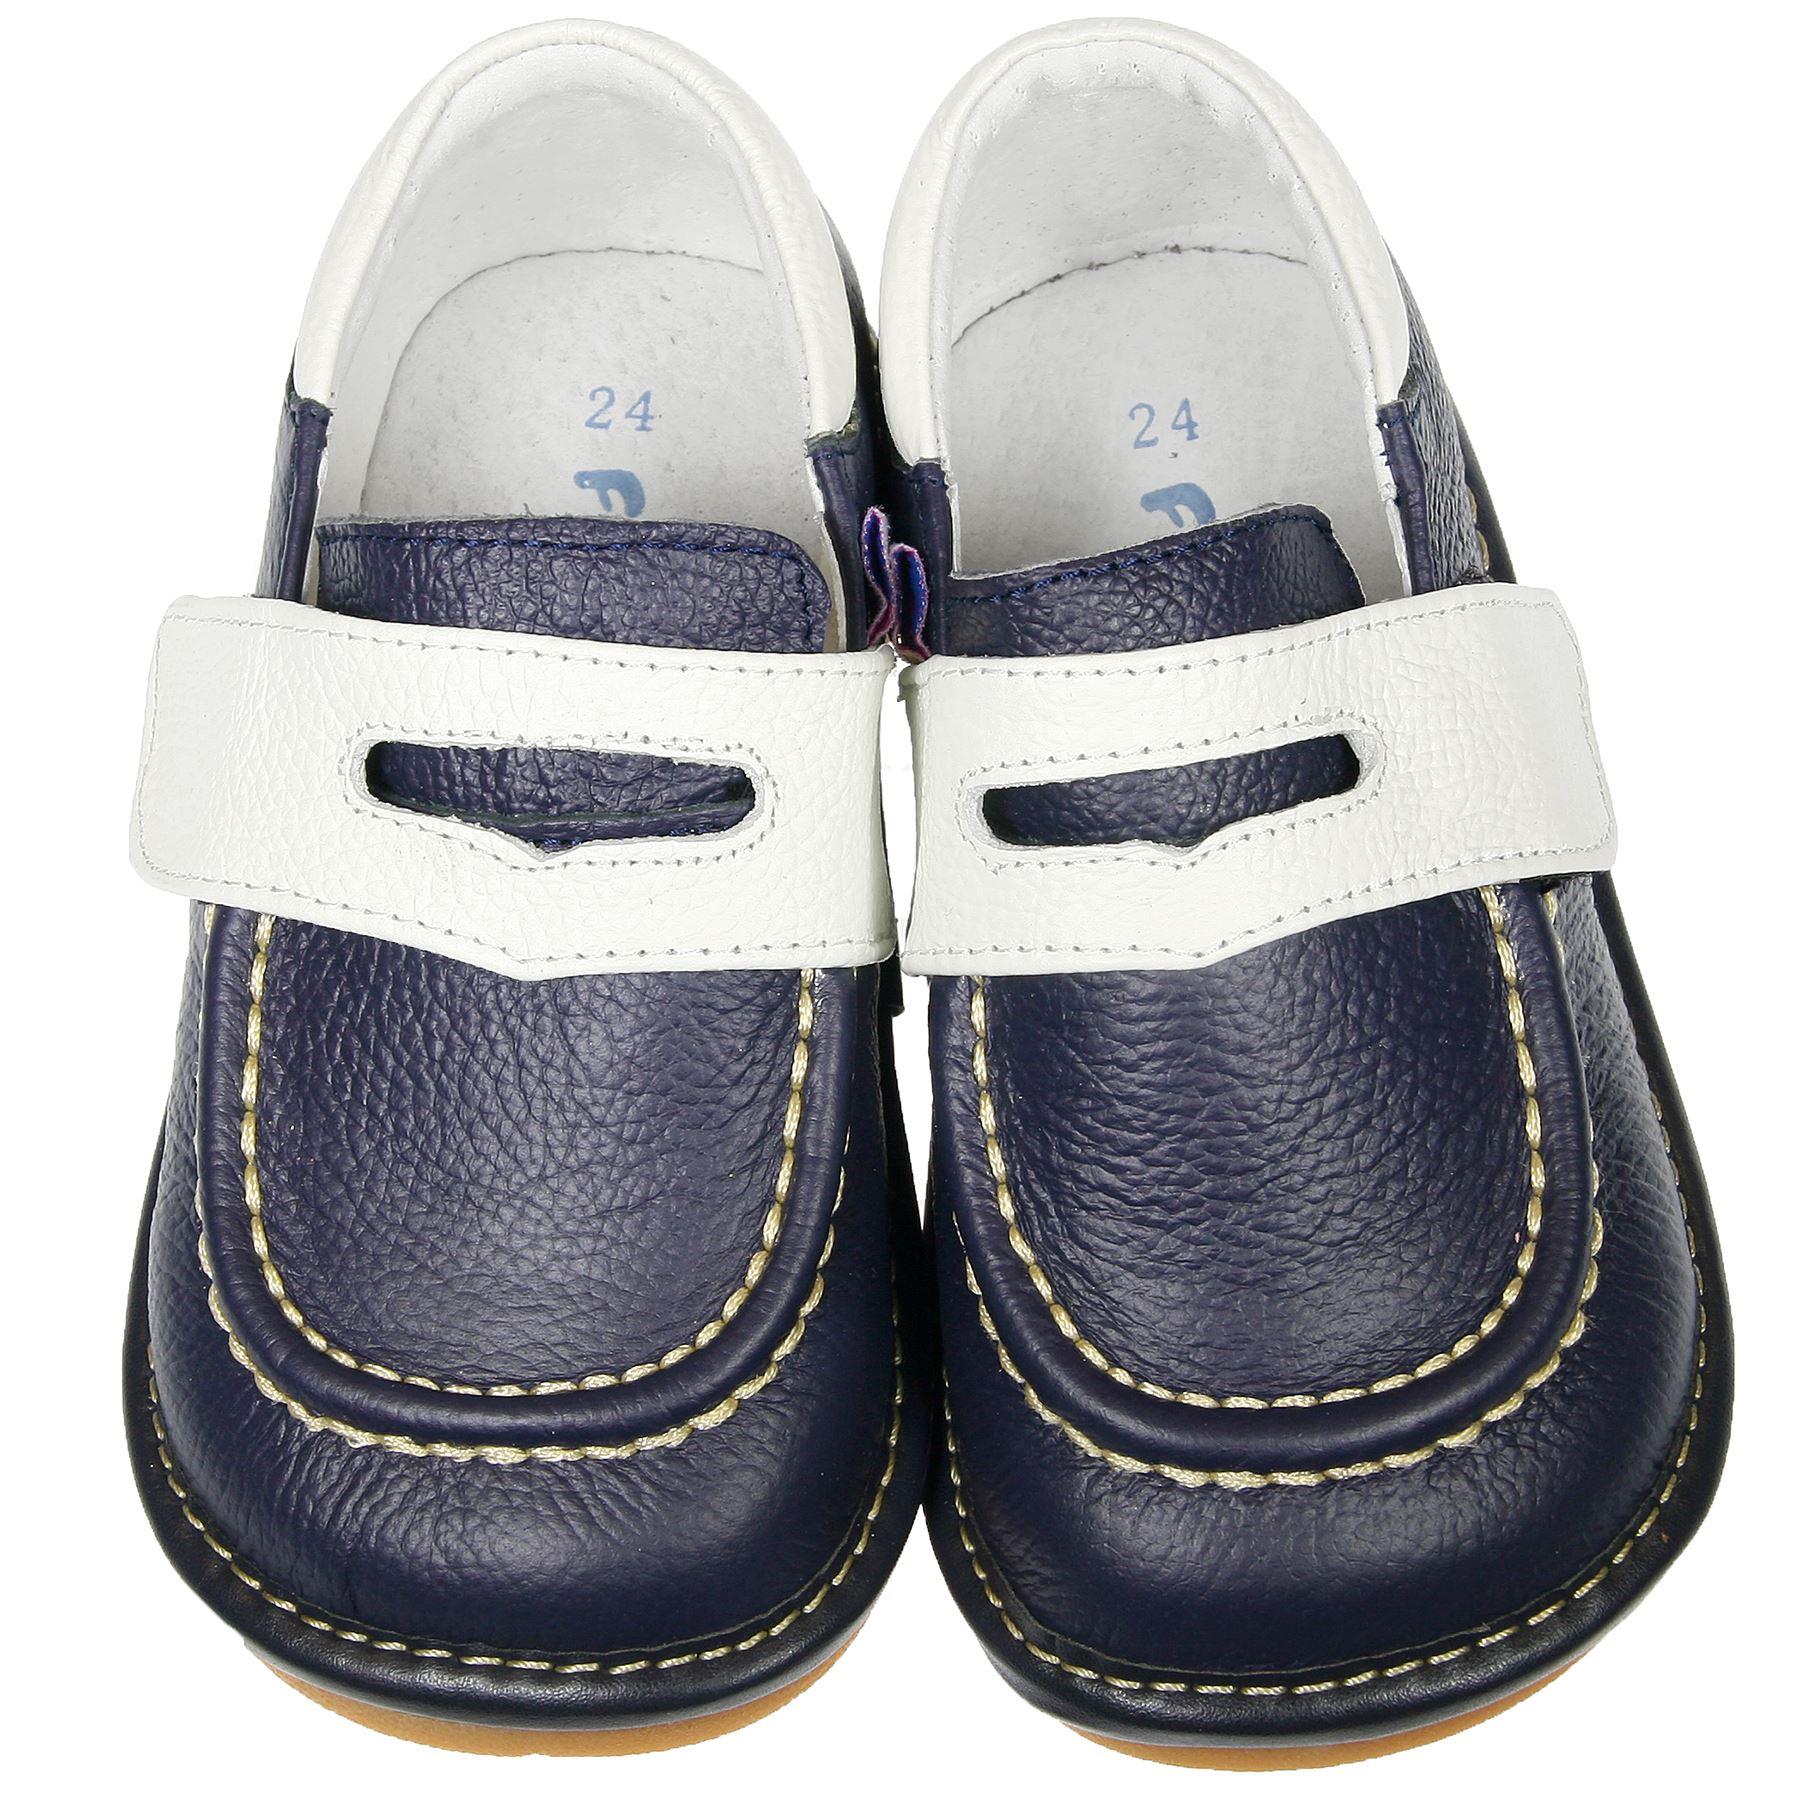 Jungen Mädchen Kinder piepsig Echtlederschuhe - marineblau & weiß